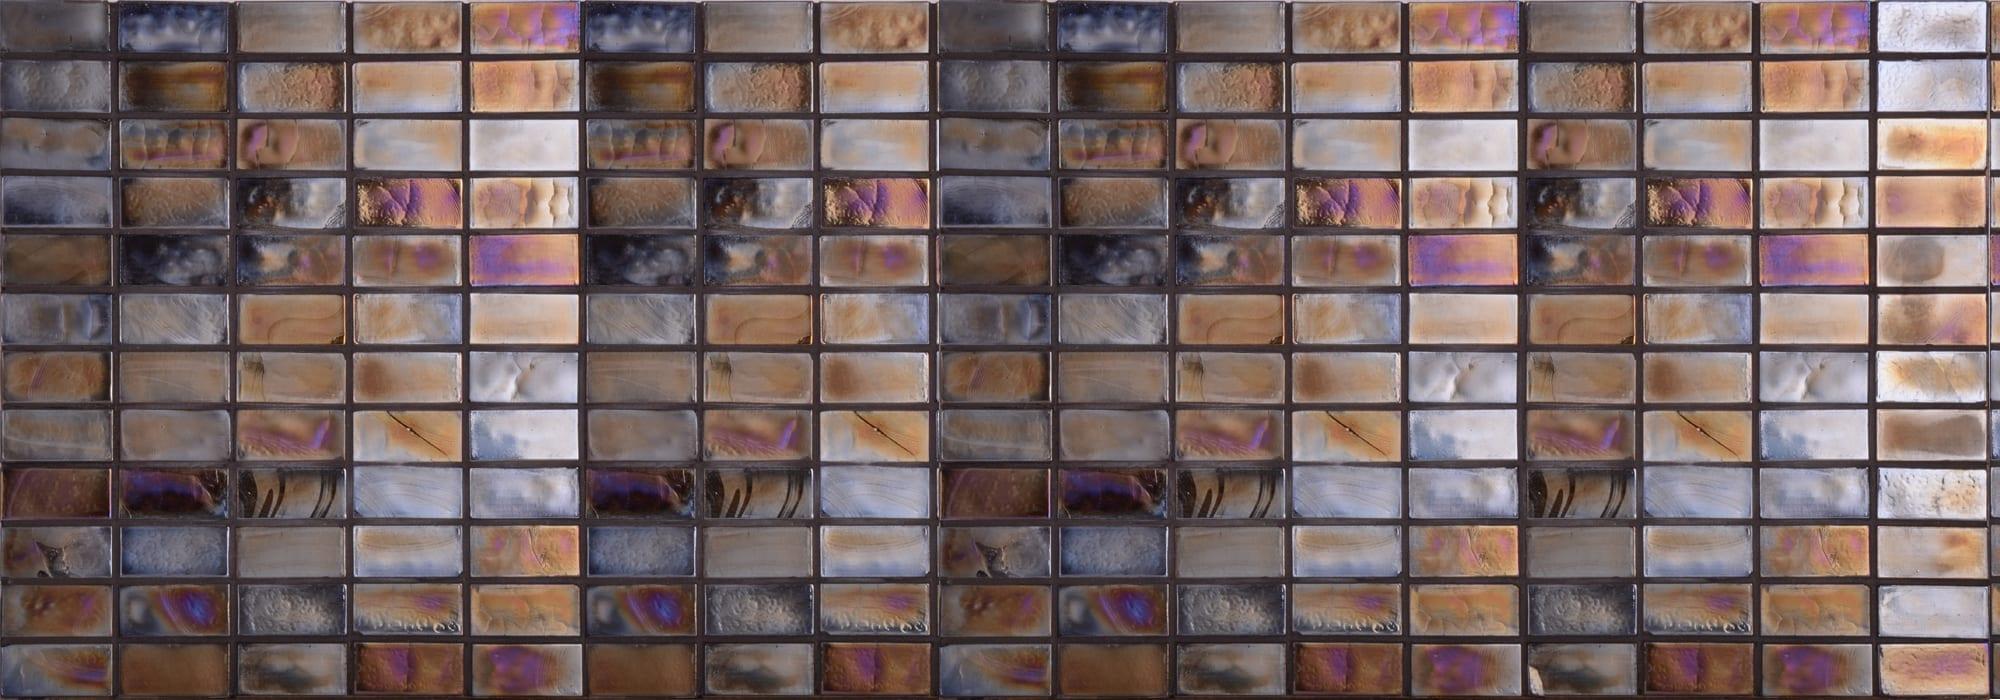 פסיפס זכוכית דמבלדור by Milstone